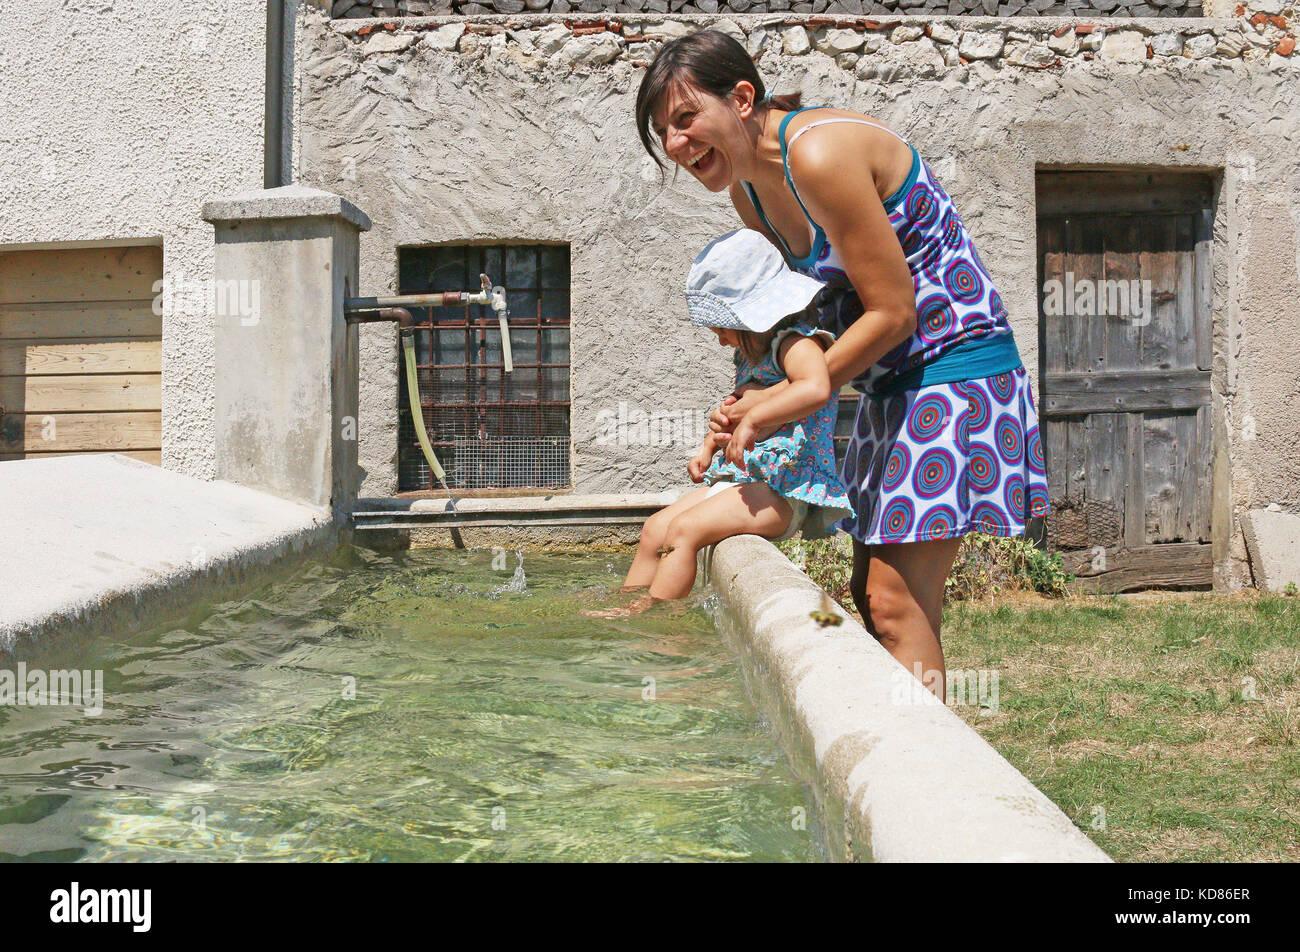 Die Mutter, die ihre Tochter sitzt auf der Kante einer frischen Brunnen Stockfoto